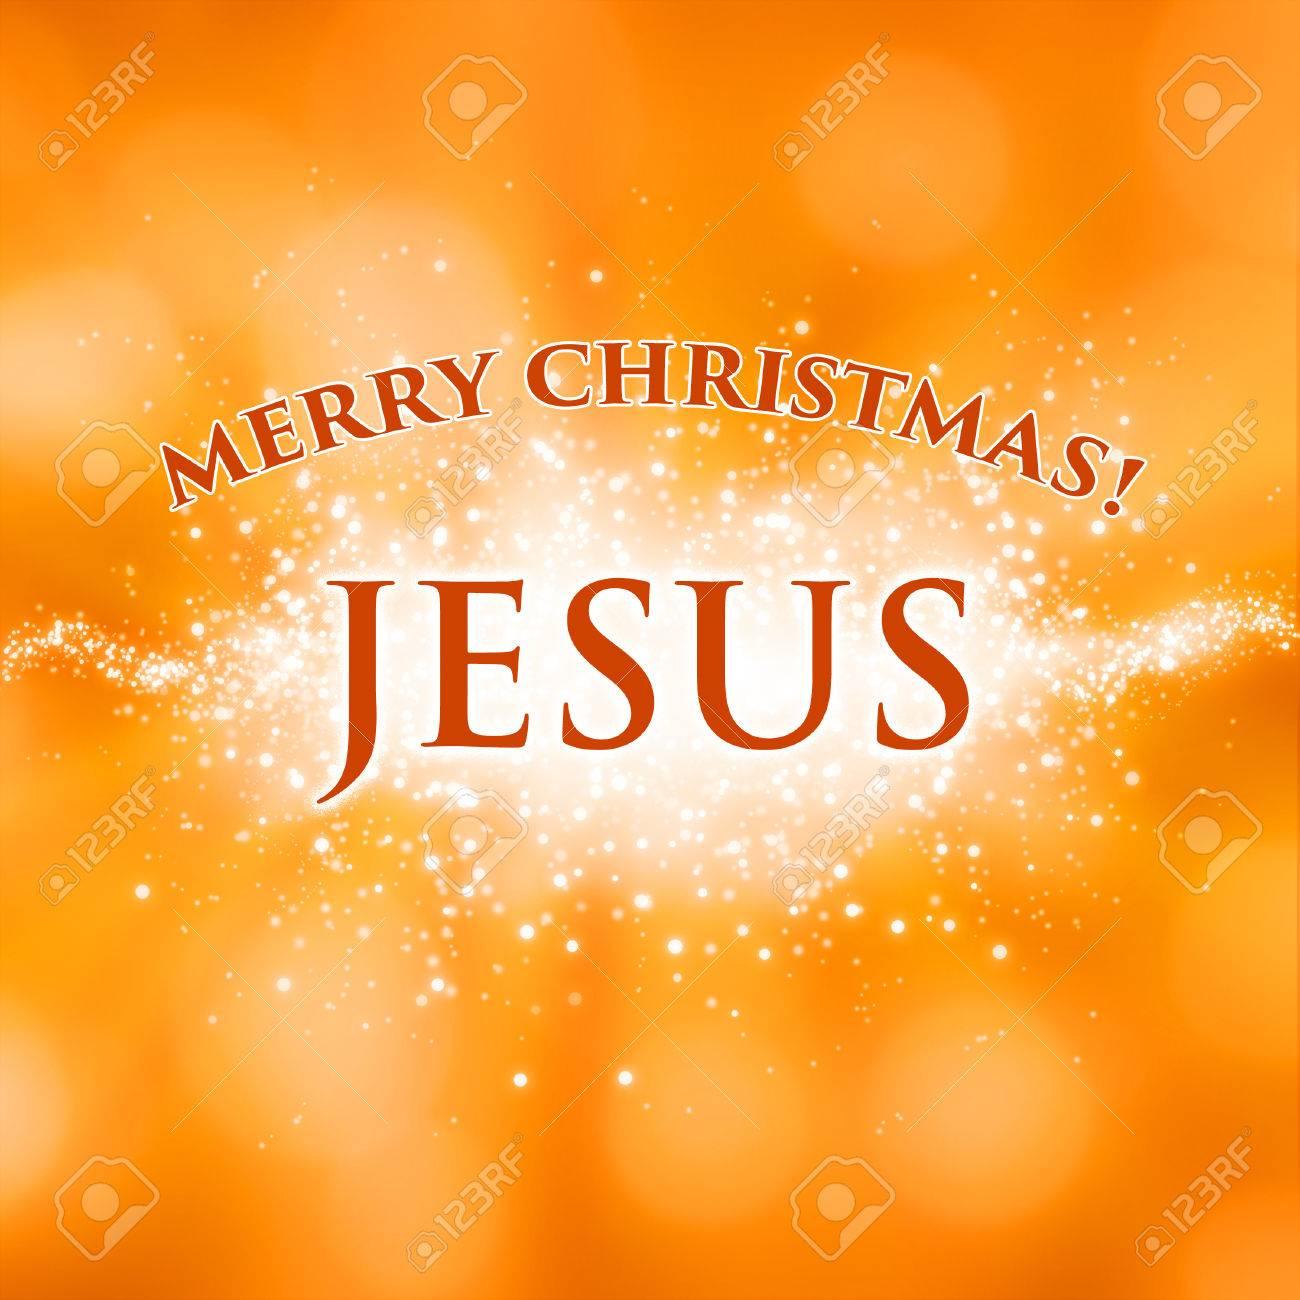 Merry Christmas Jesus.Greeting Card Merry Christmas Jesus